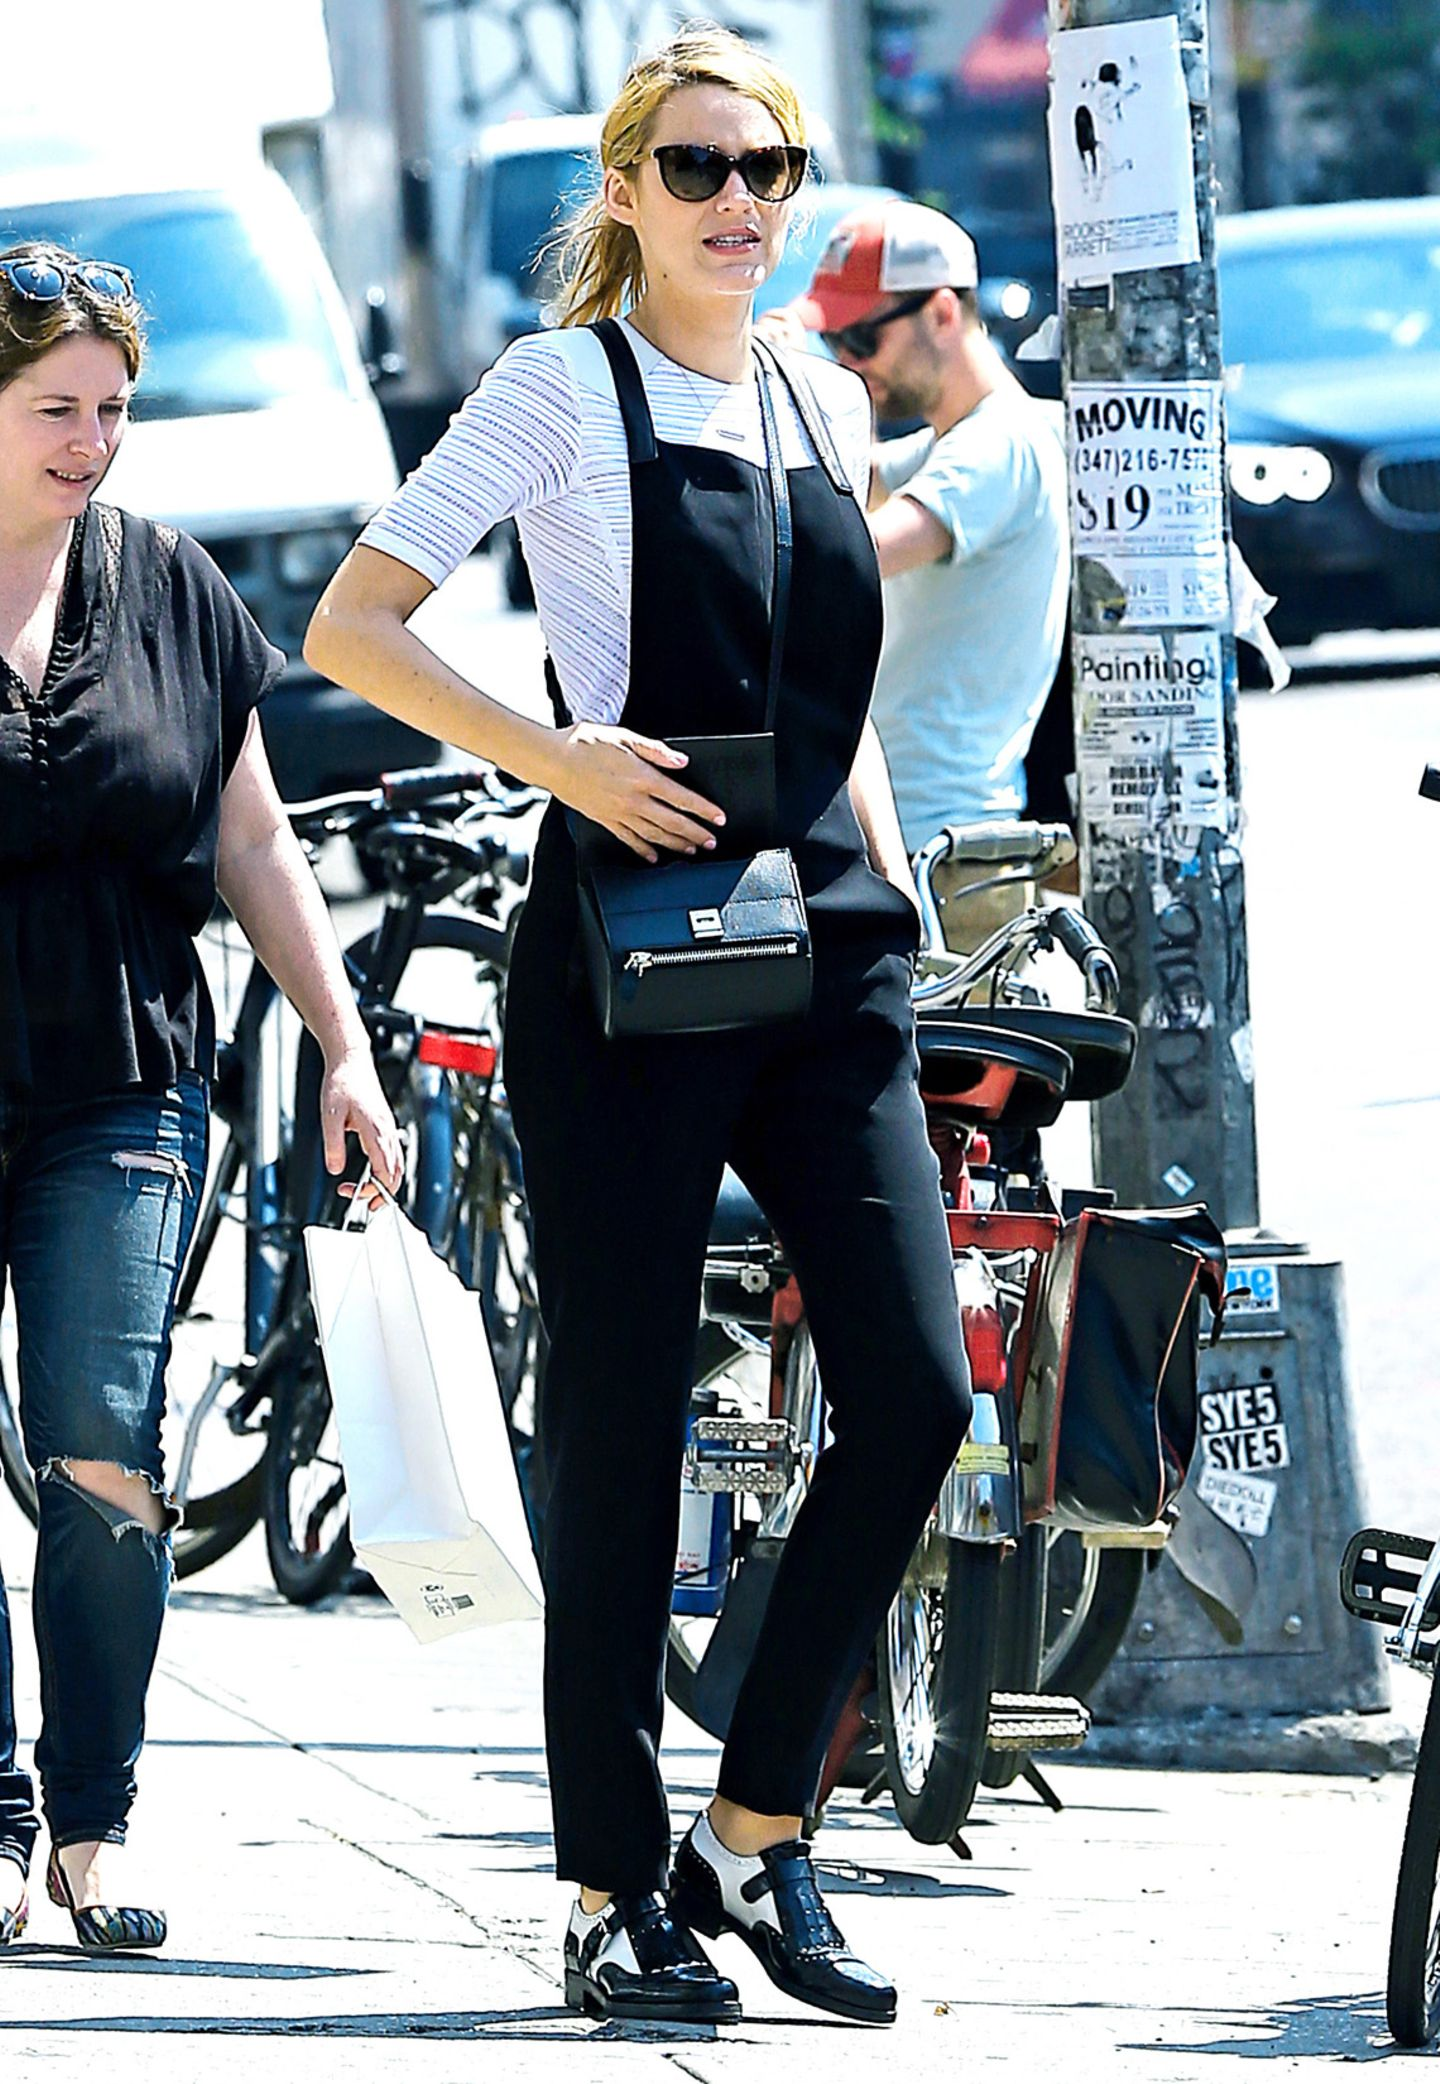 Blake Lively zeigt sich beim Spaziergang in New York mit Latzhose und Streifenshirt von ihrer schwarz-weißen Seite.